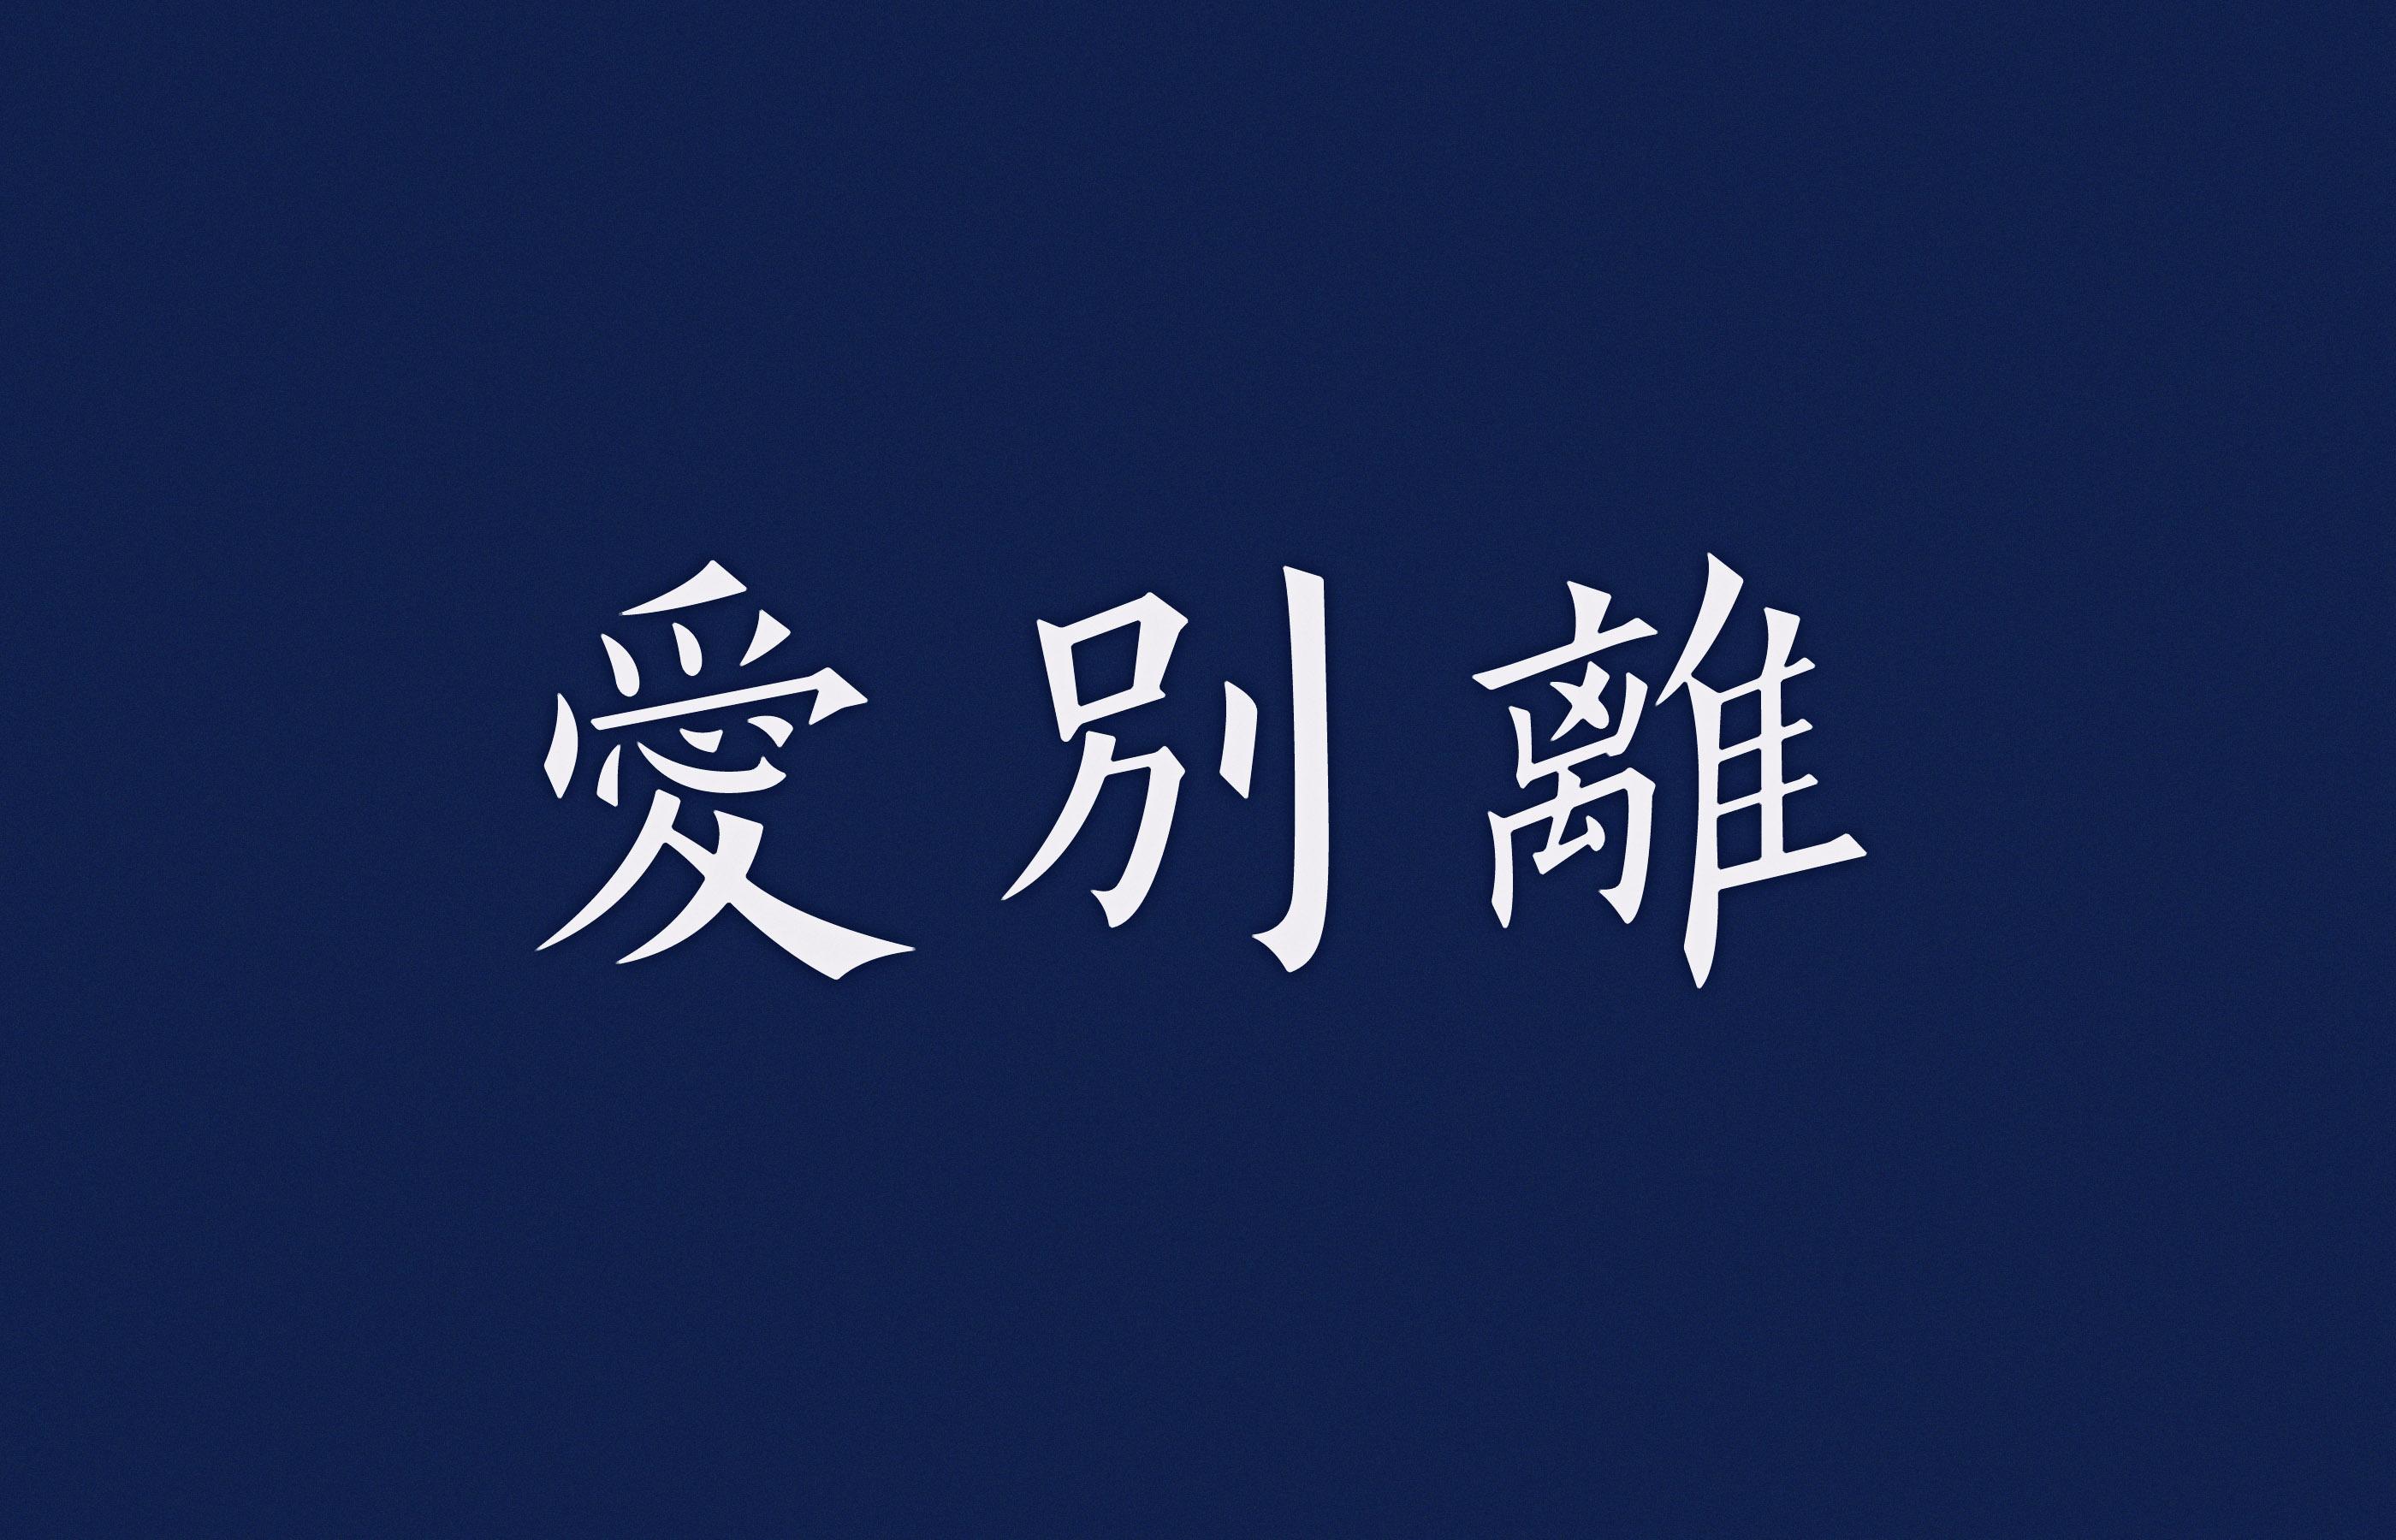 佛教名词字体设计-古田路9号